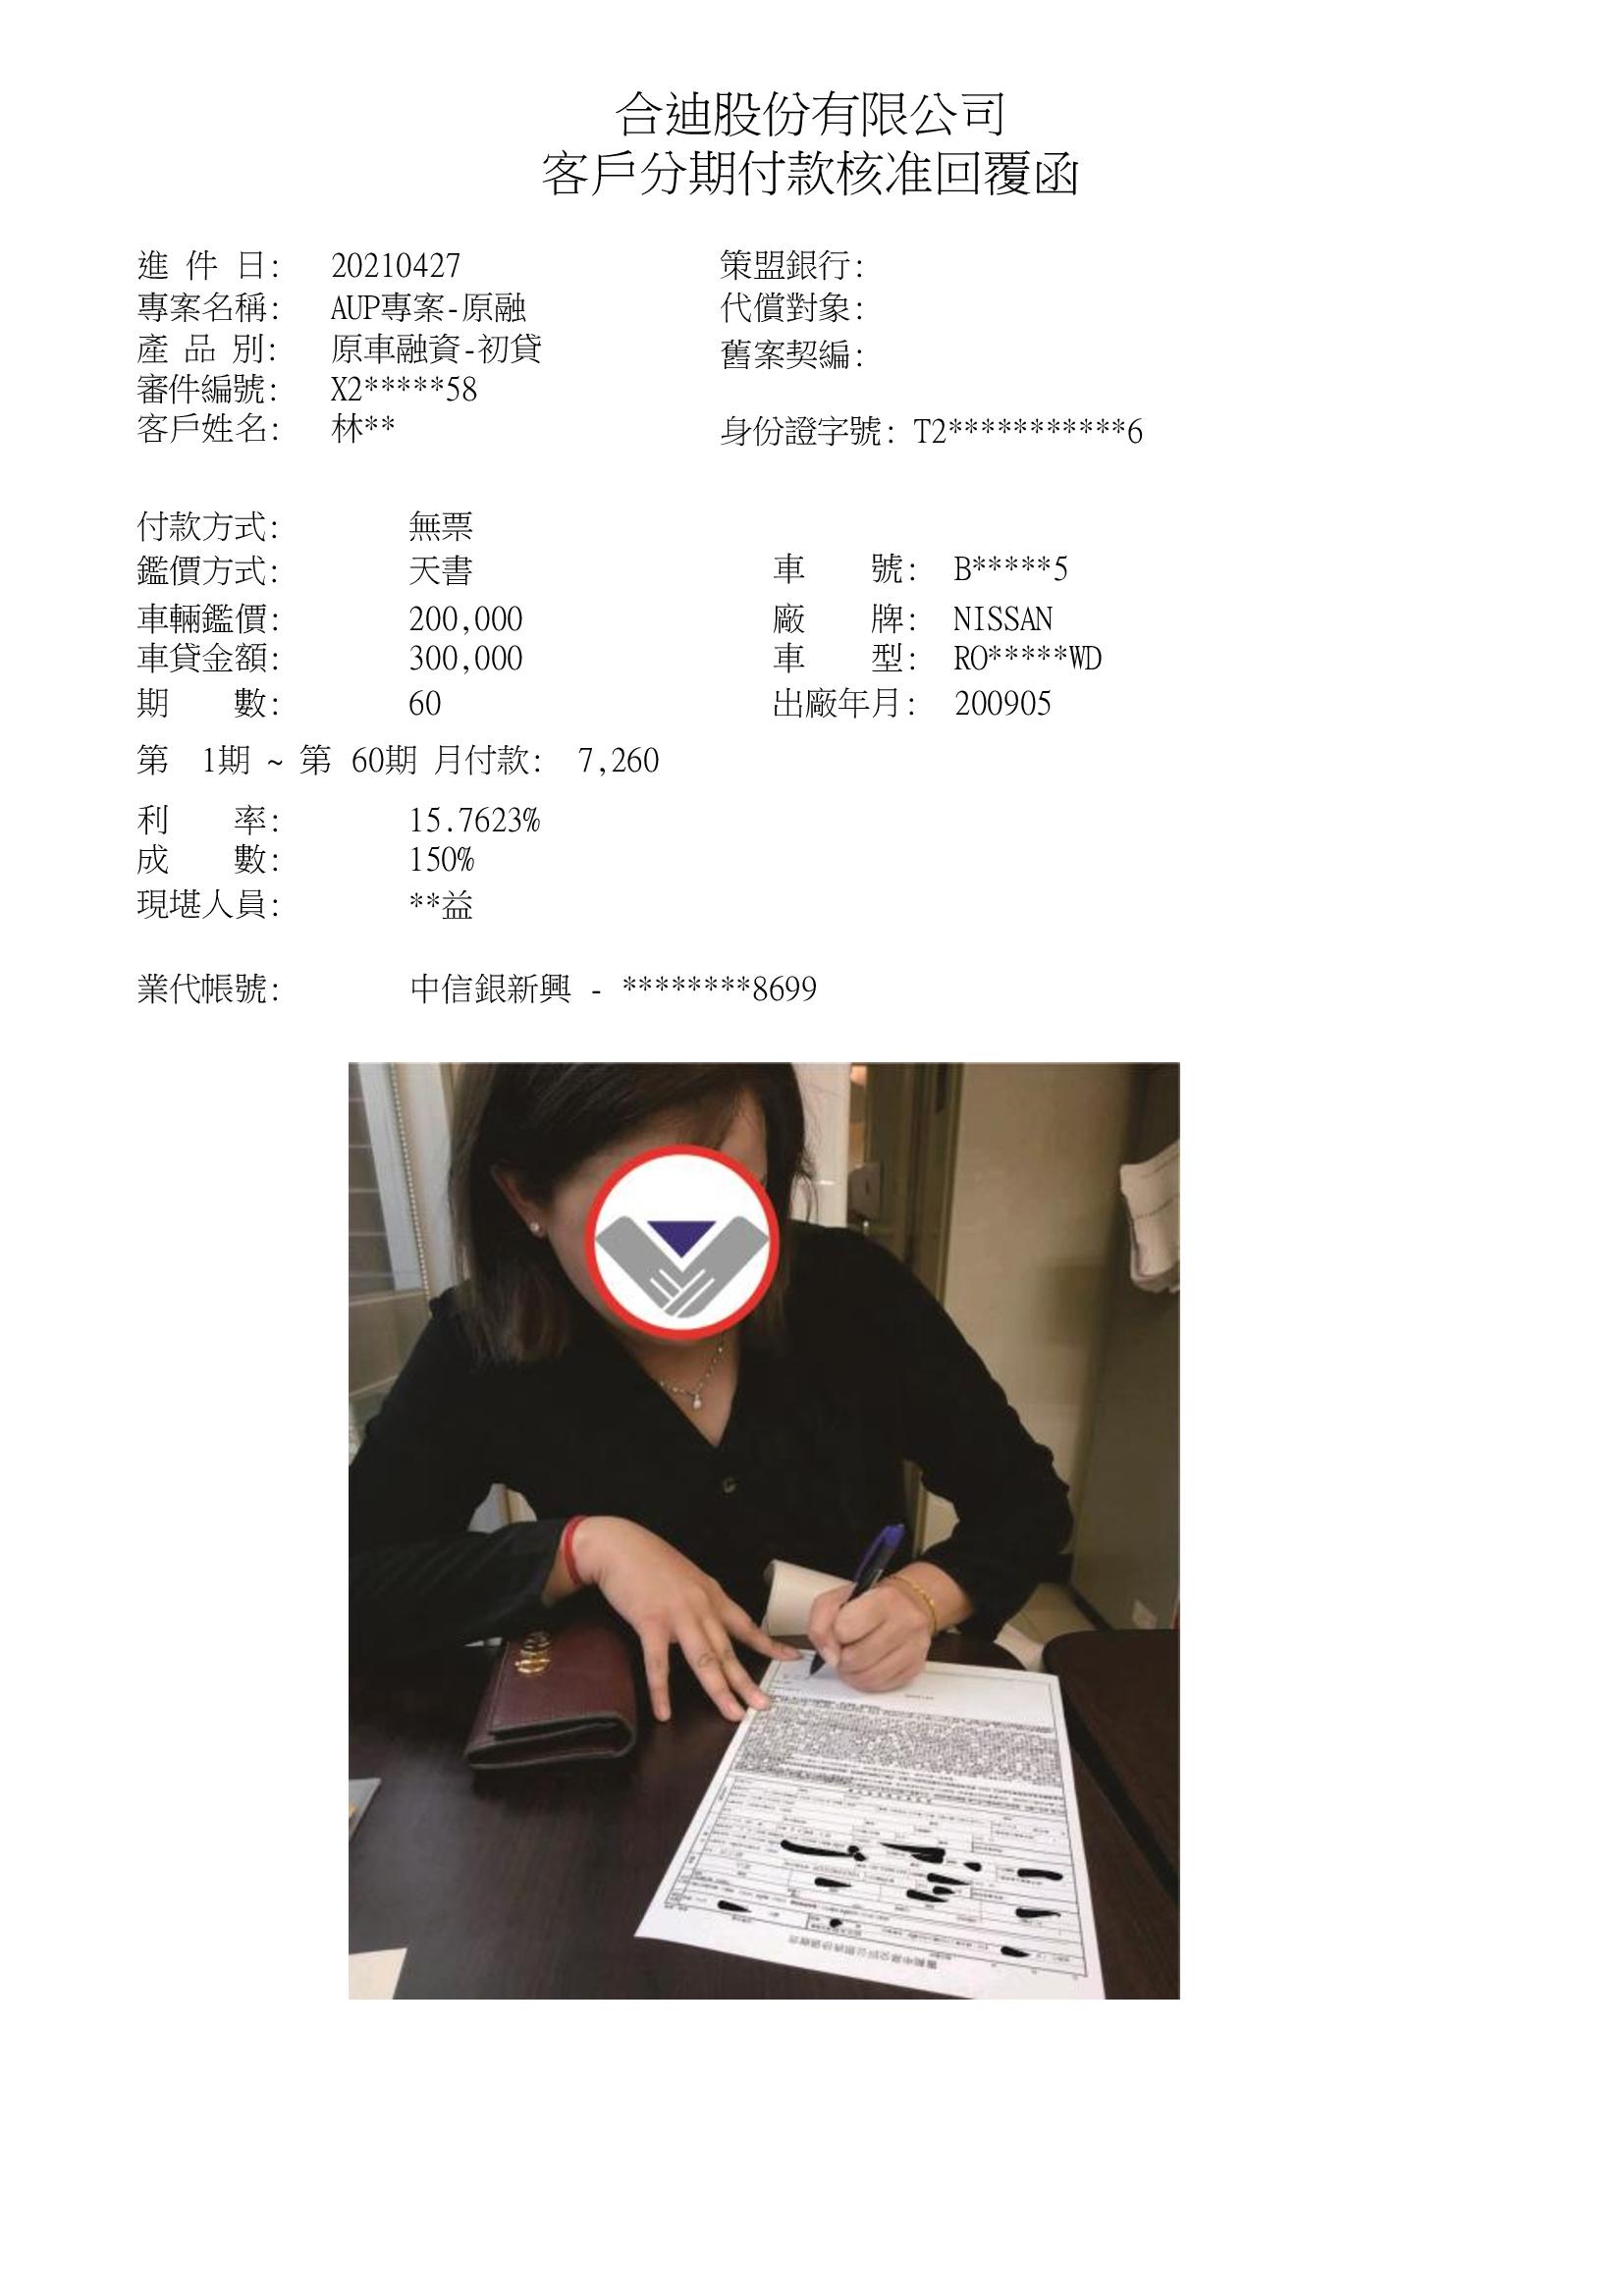 居住於台南林小姐,中租原融直核30萬